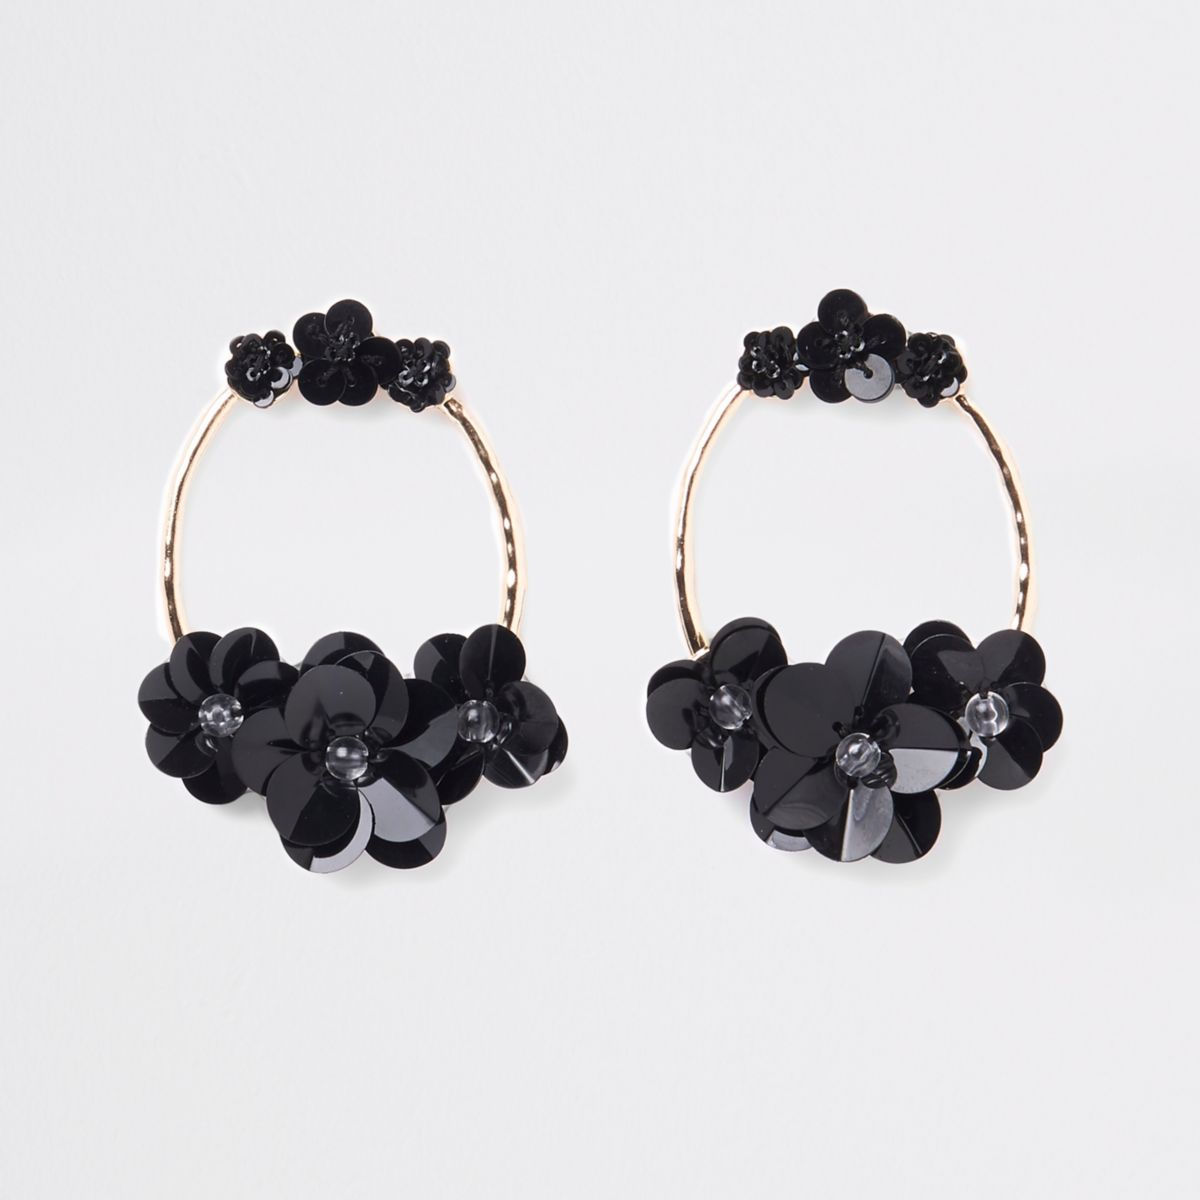 Black gold tone circle sequin hoop earrings